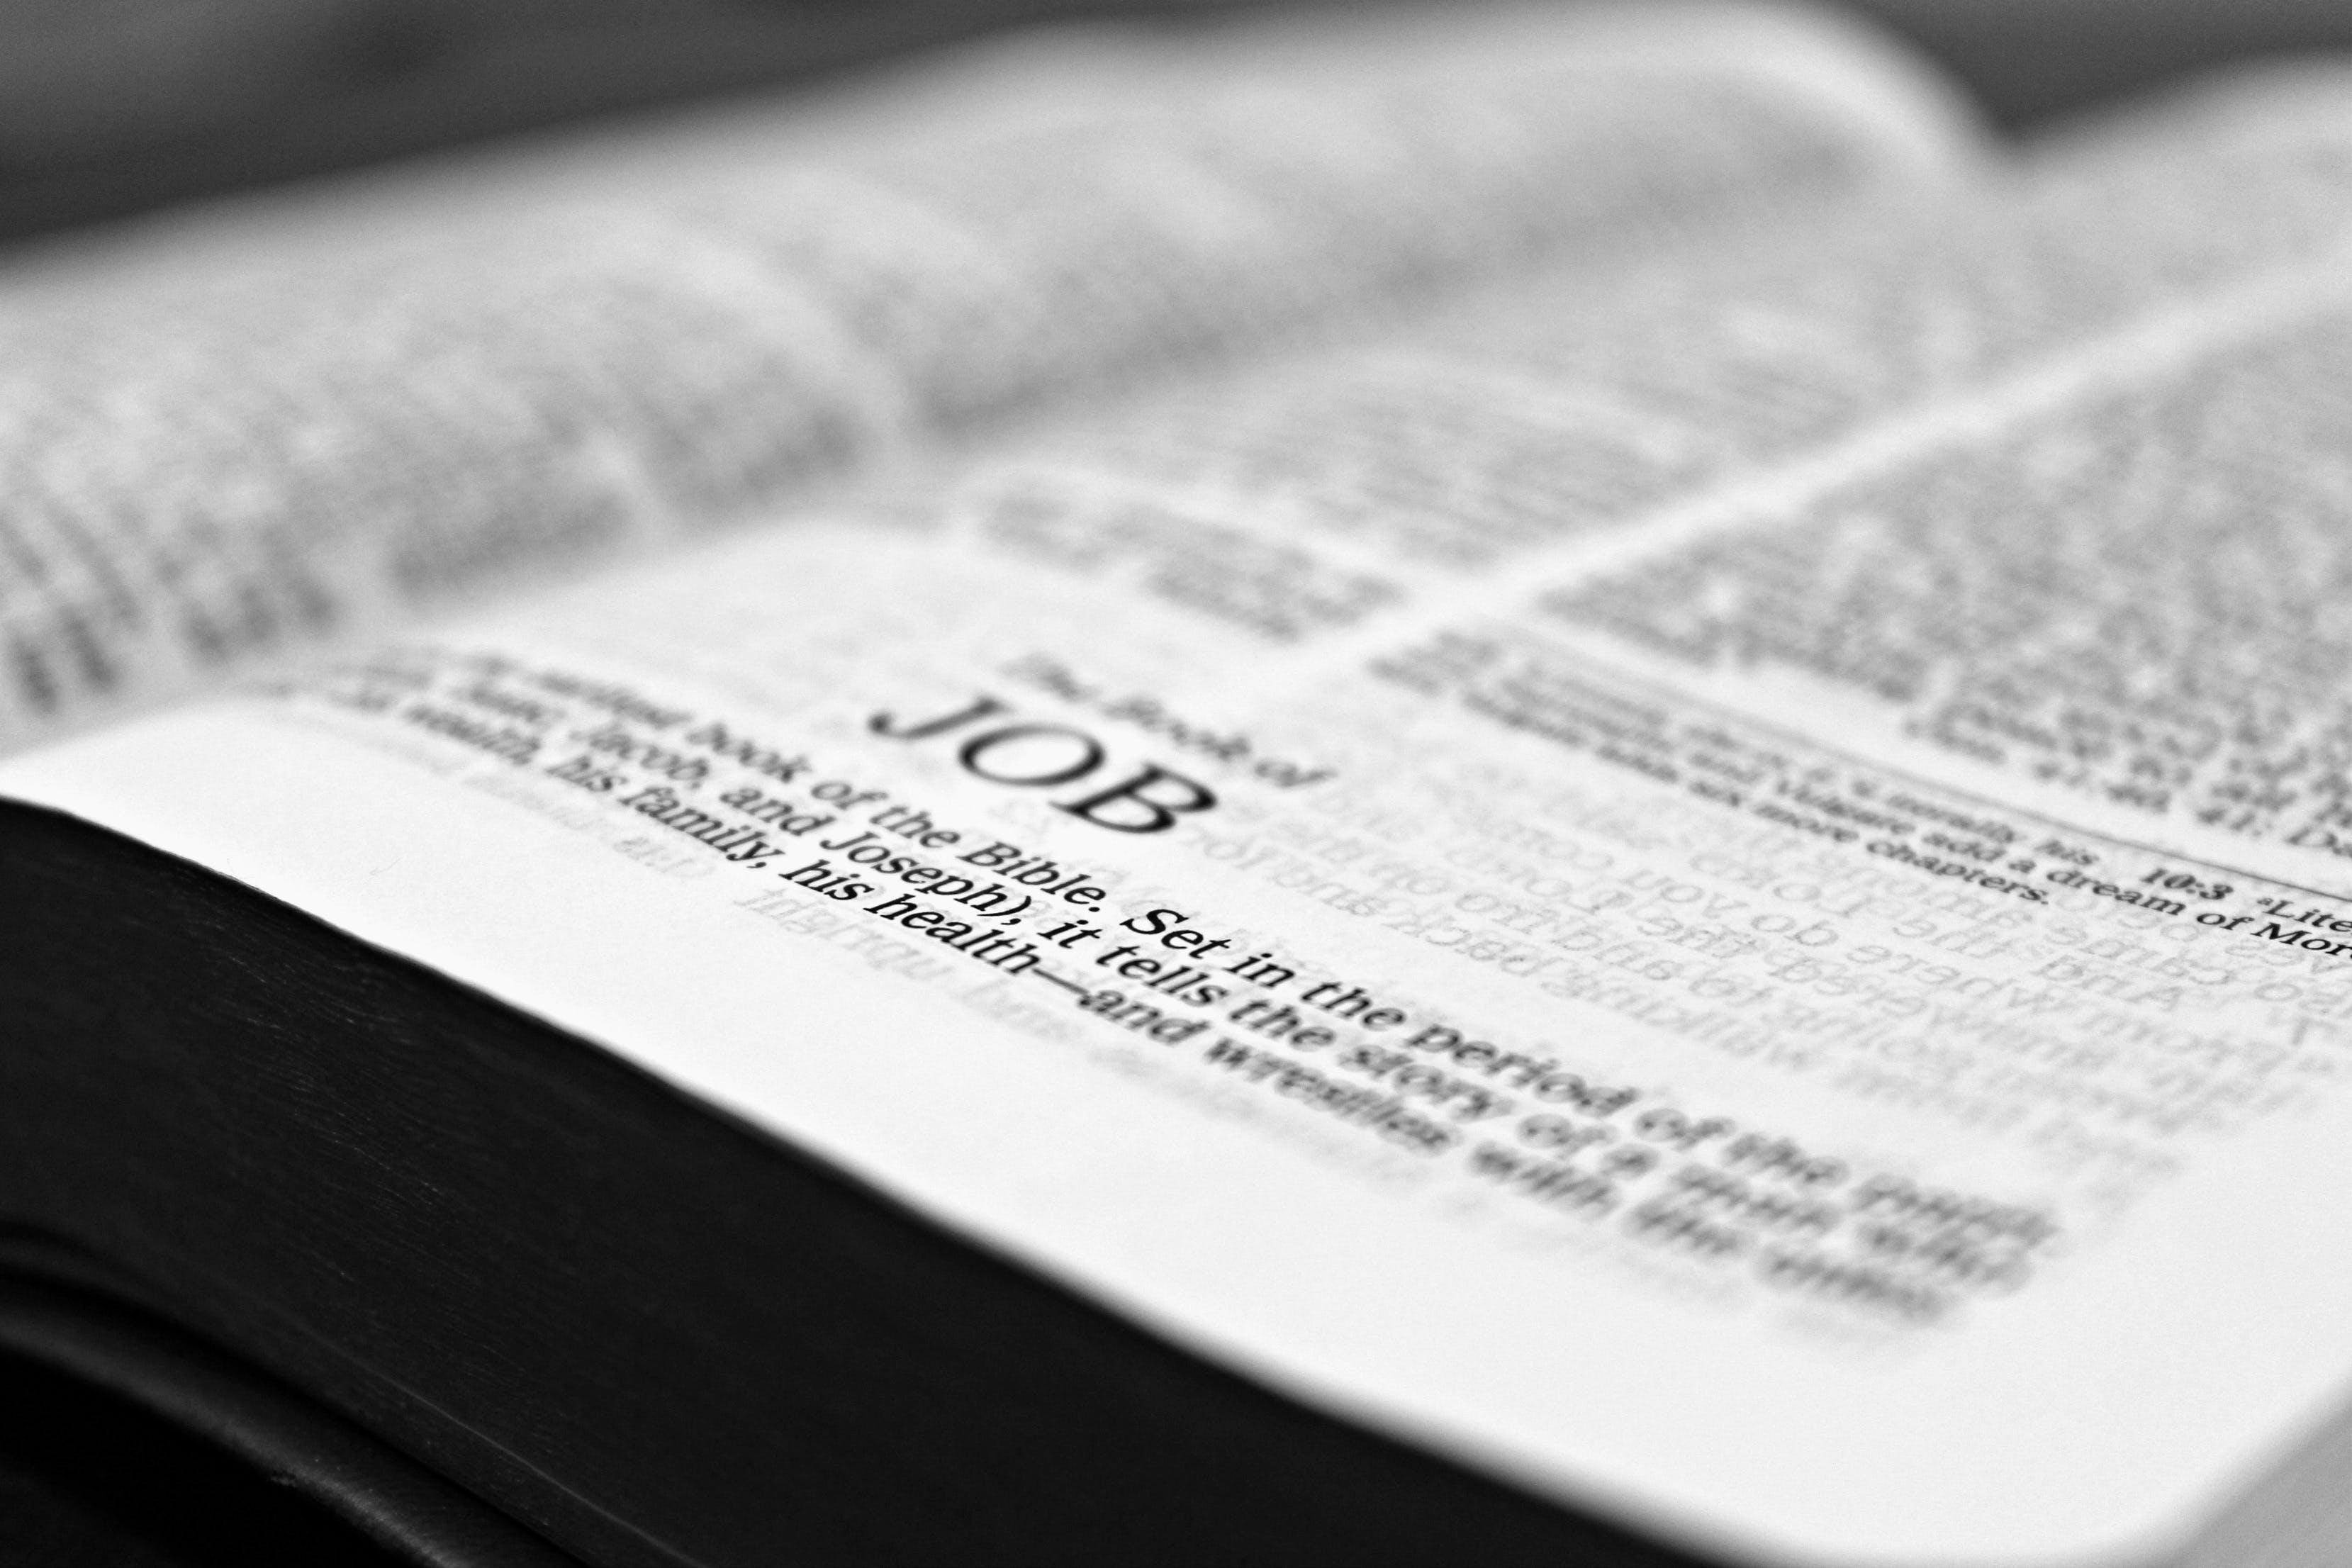 ことば, キリスト教, タイトル, ページの無料の写真素材